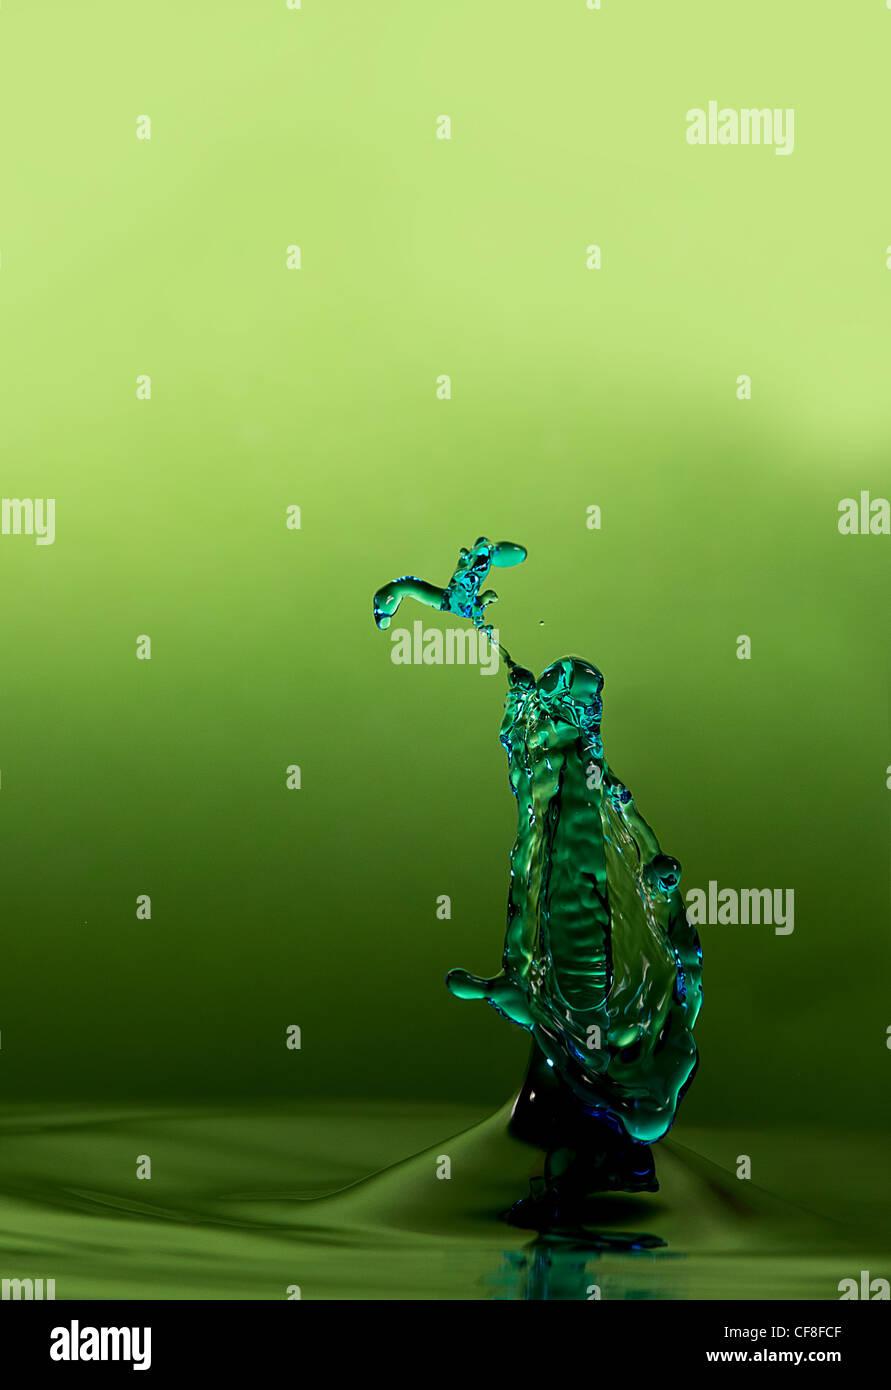 La gota de agua que parece un pez Imagen De Stock